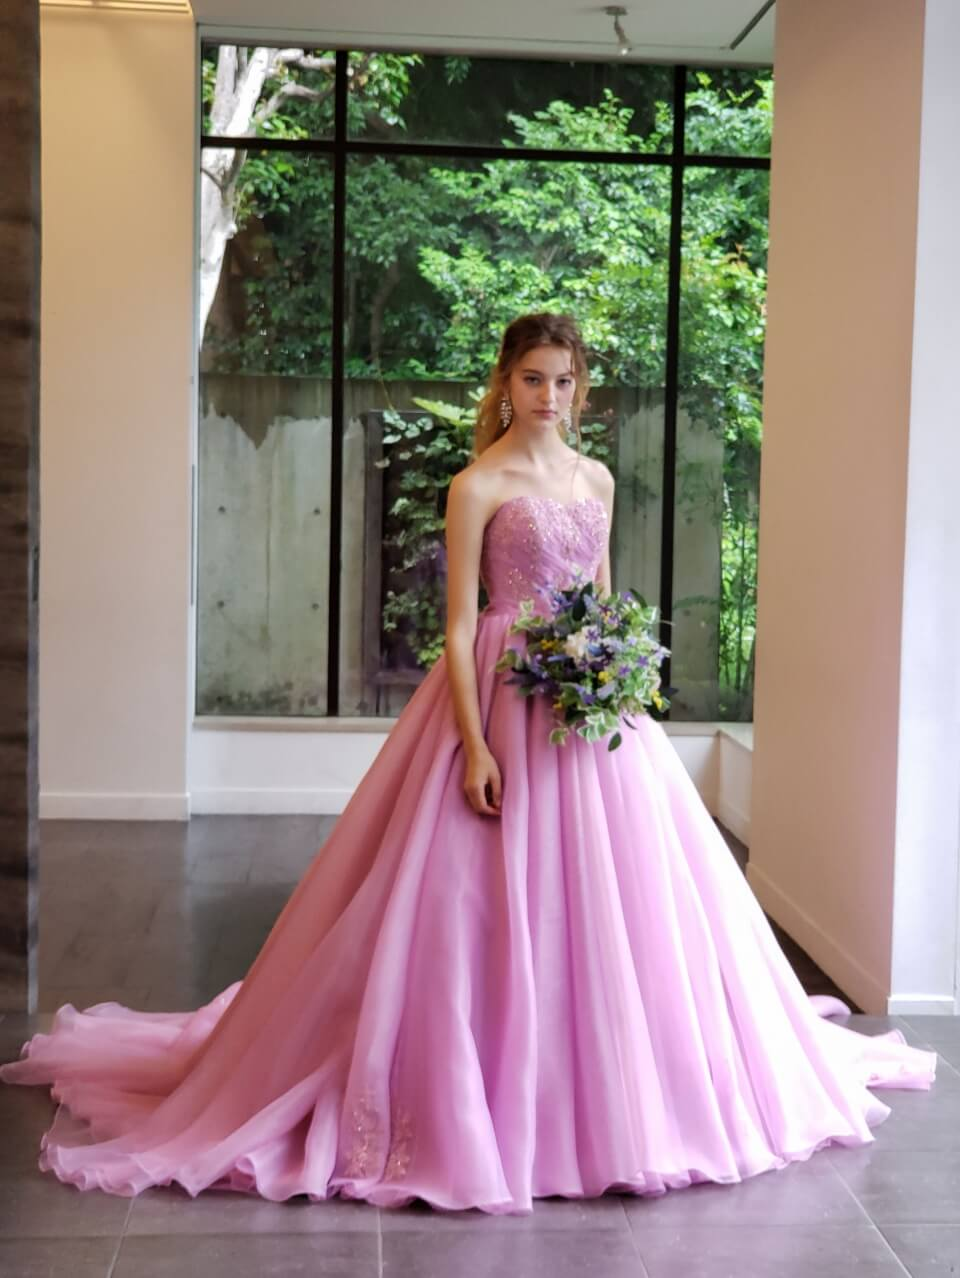 ウェディングドレス・カラードレスなど2着セットならさらにお得♪